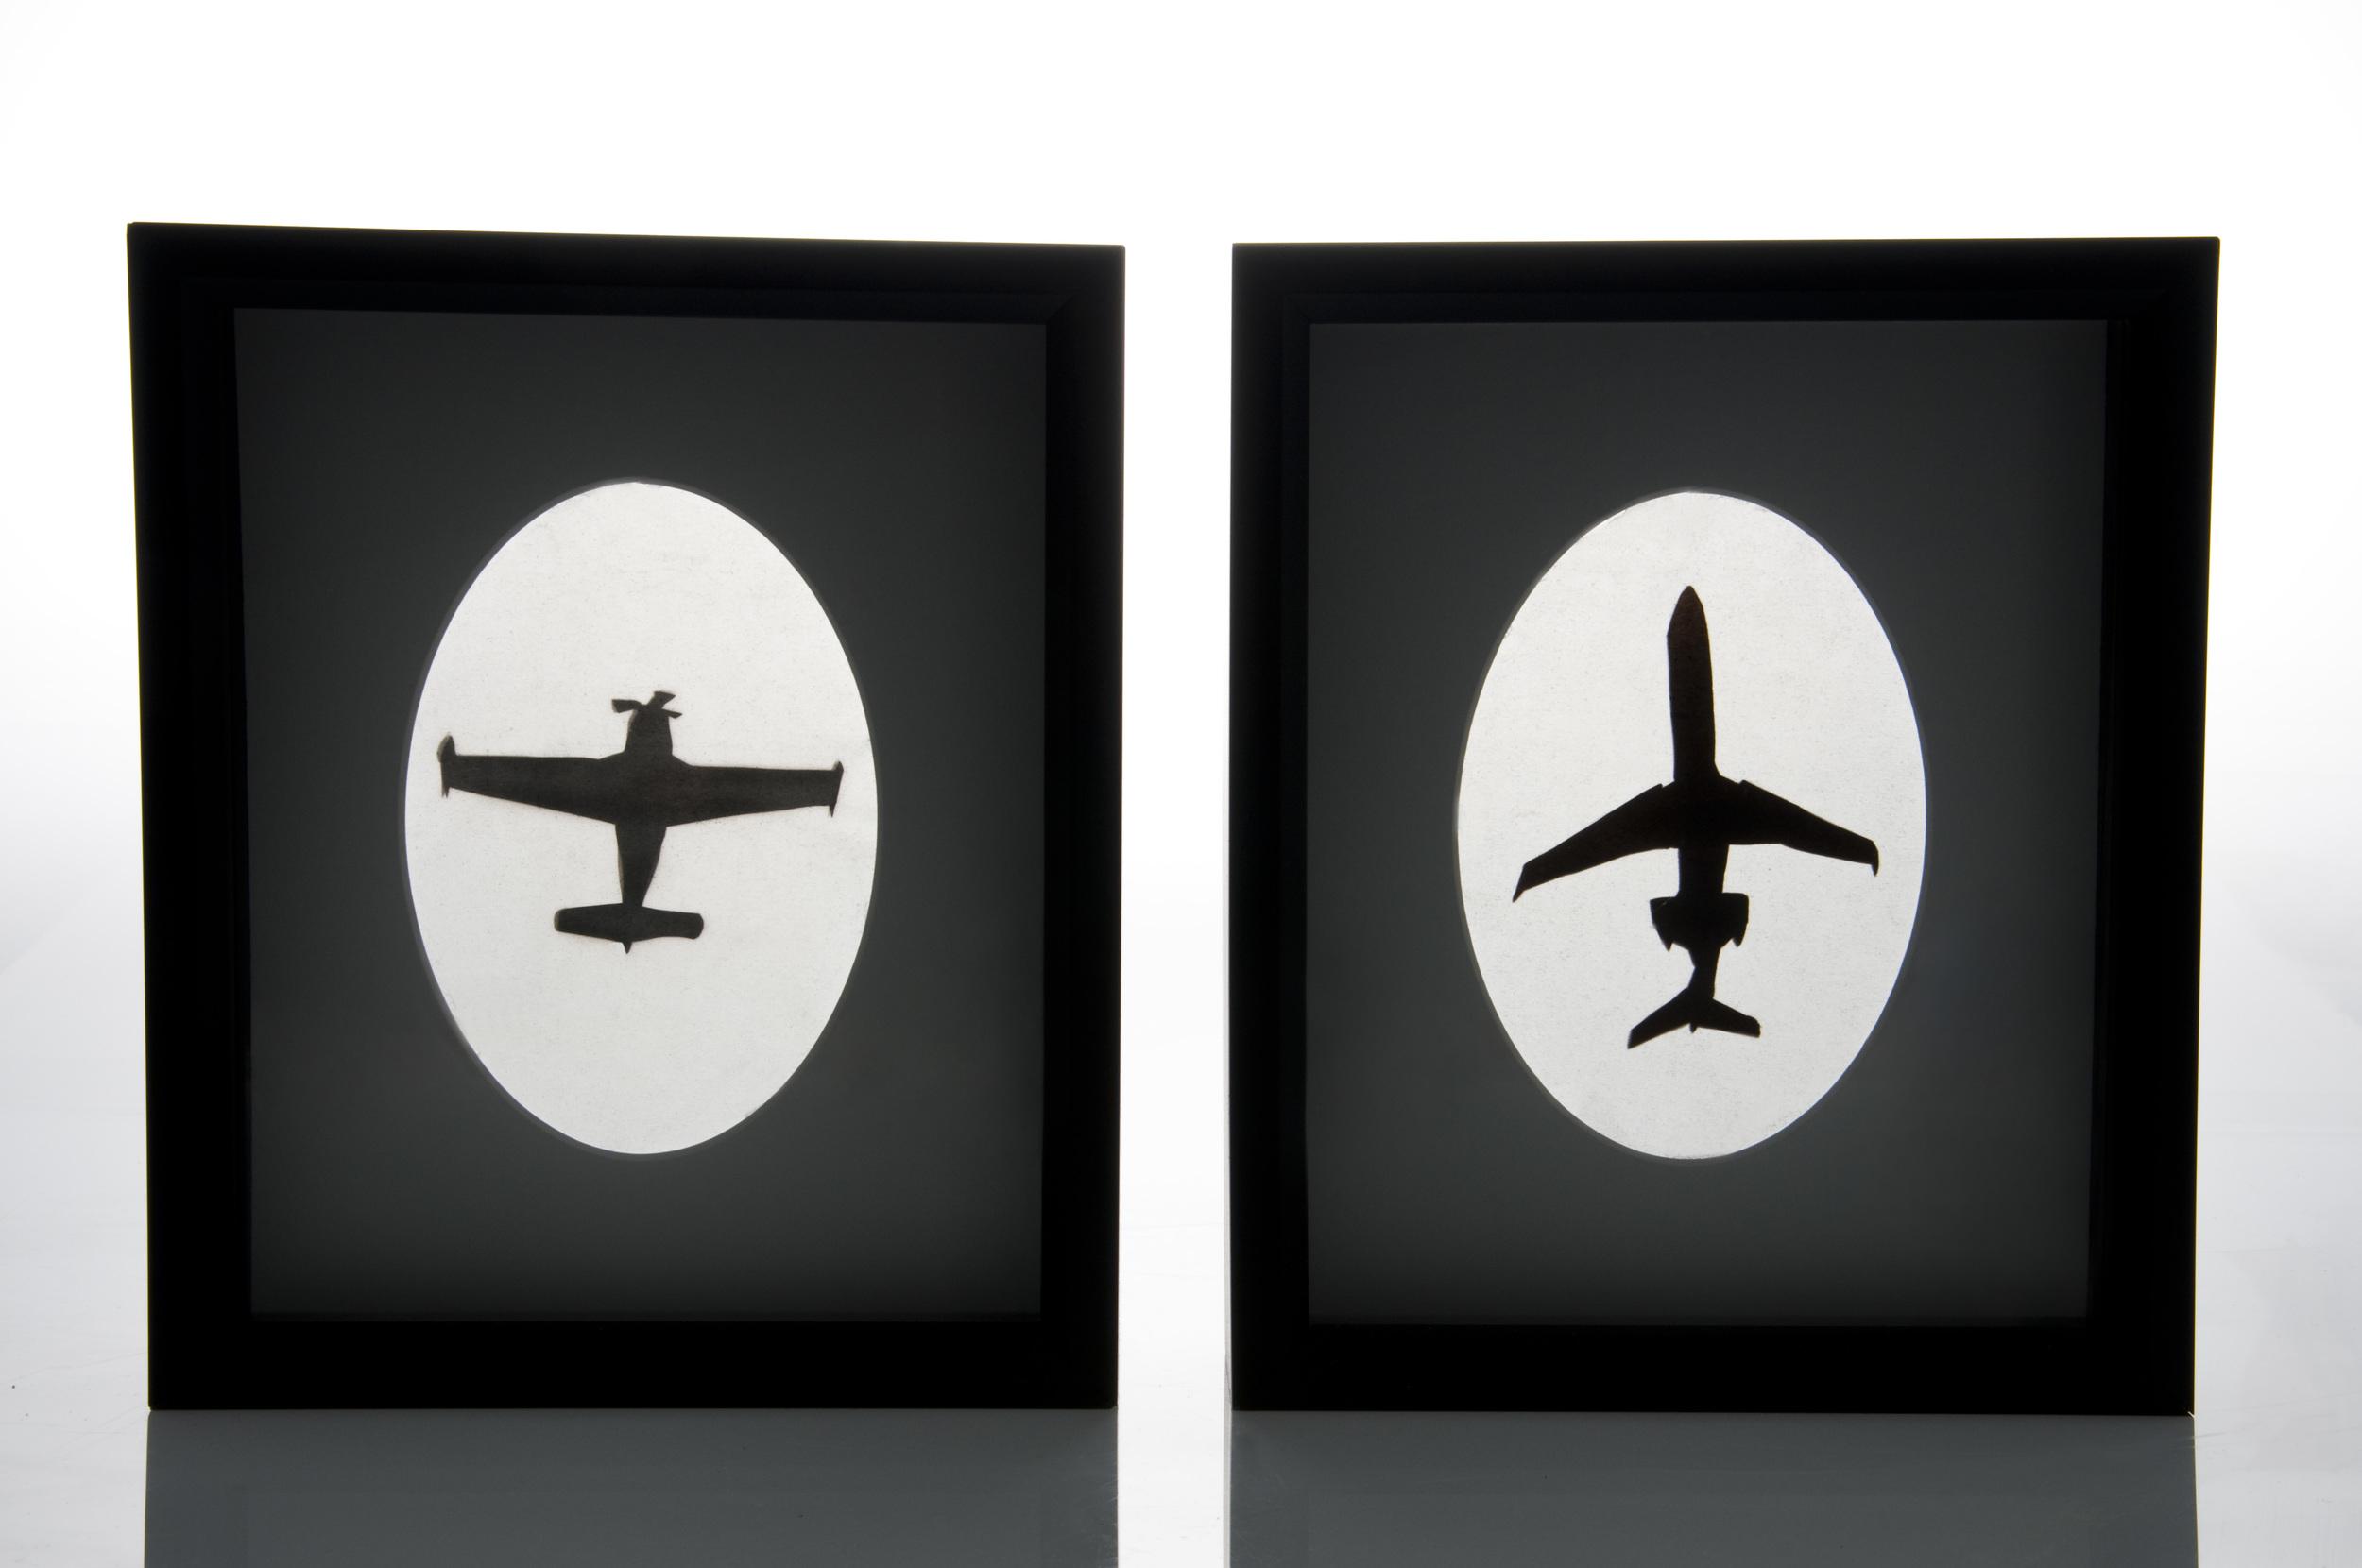 airplanes_1.jpg